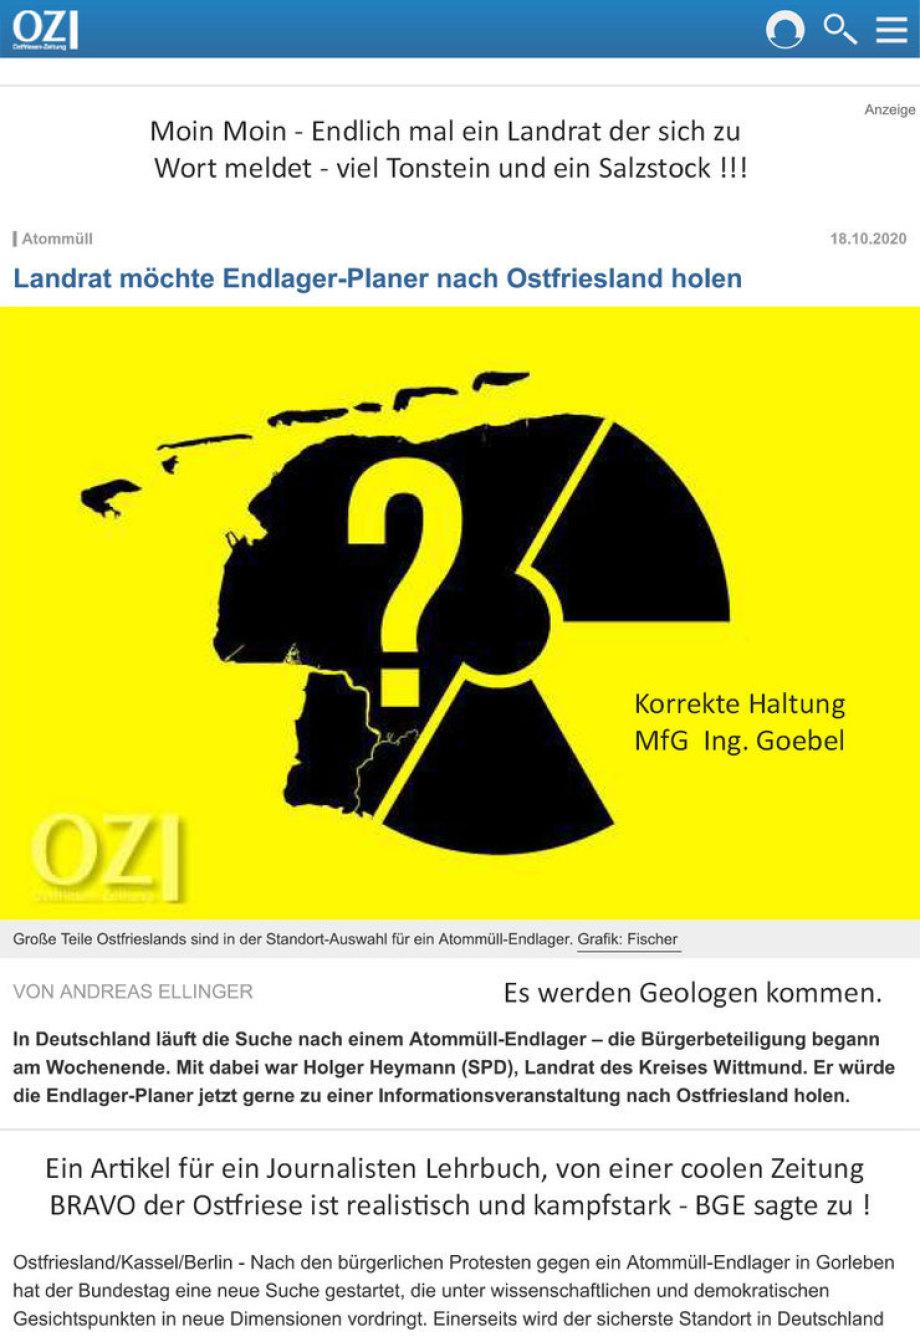 Ostfriesen Zeitung - Grafik Fischer - BI - Statement - Info - Kampfansage - Bravo